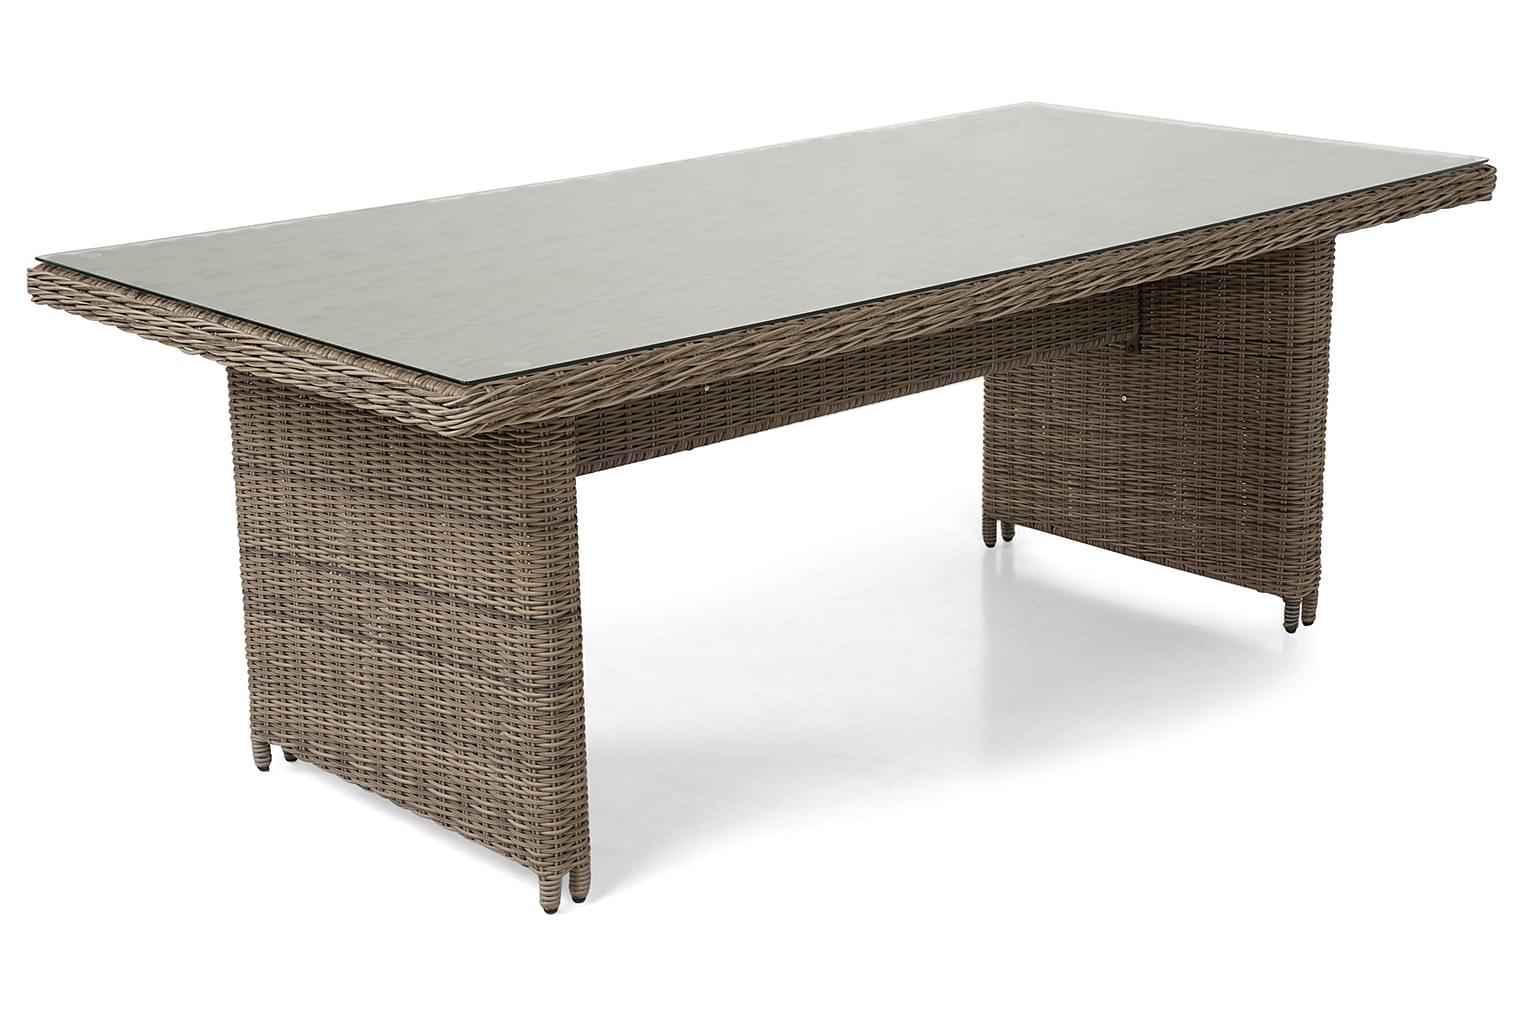 HALLARYD Pöytä 200 Lasi/Harmaanruskea